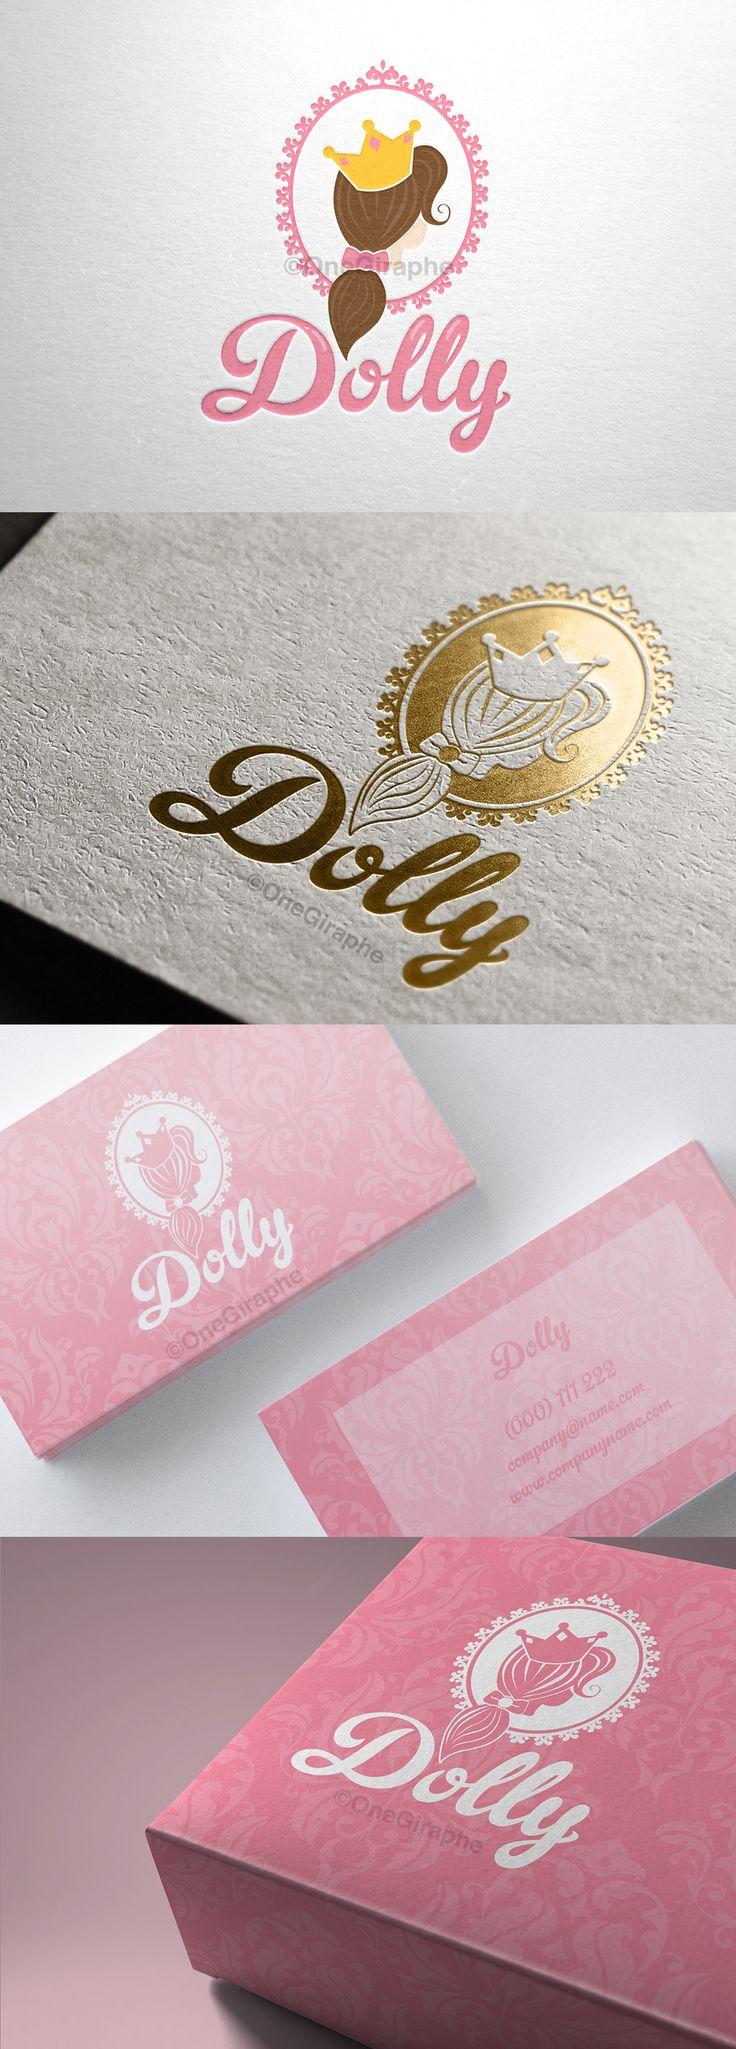 Branding for Sale! Customisable Fonts and Colors -Order at: Onegiraphe@gmail.com www.One-Giraphe.com #newborn #baby #logo #logodesign #cute #sleep #sleepy #graphic #design #designer #portfolio #behance #logopond #brandstack #store #kids #children #logodesign #design #designer #brand #brandidentity #princess #barbie #doll #gold